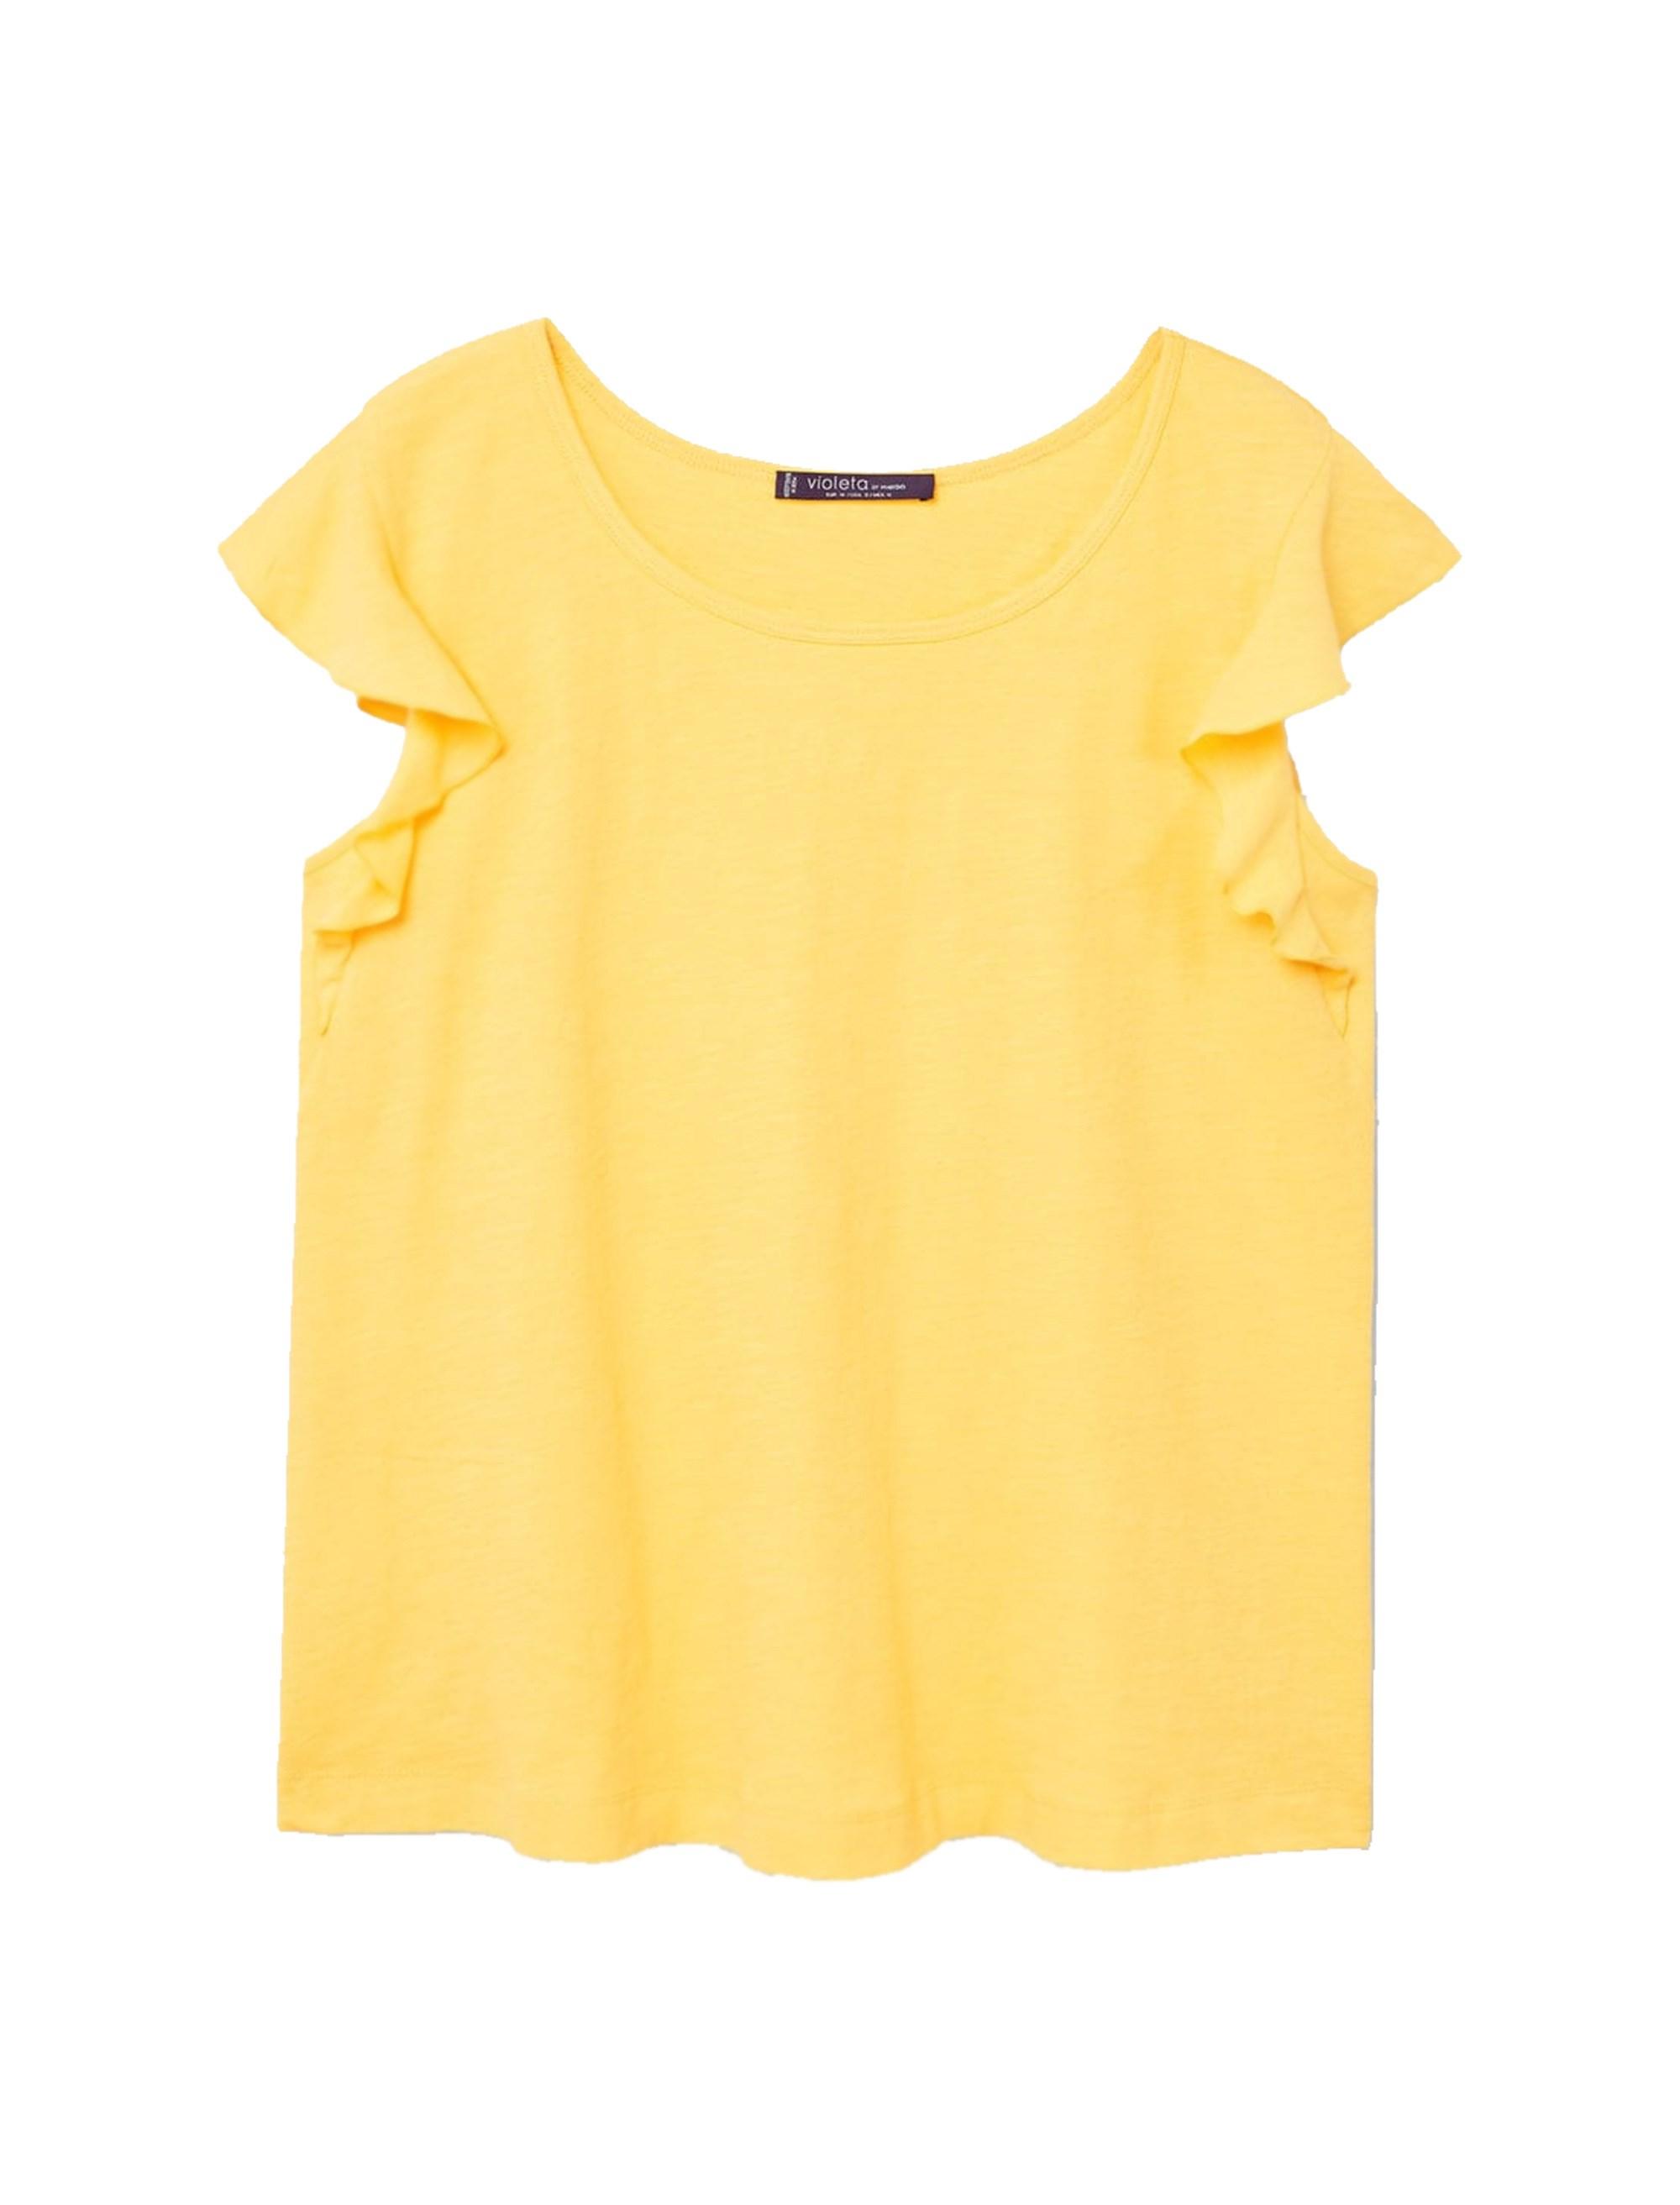 خرید تی شرت نخی یقه گرد زنانه - ویولتا بای مانگو